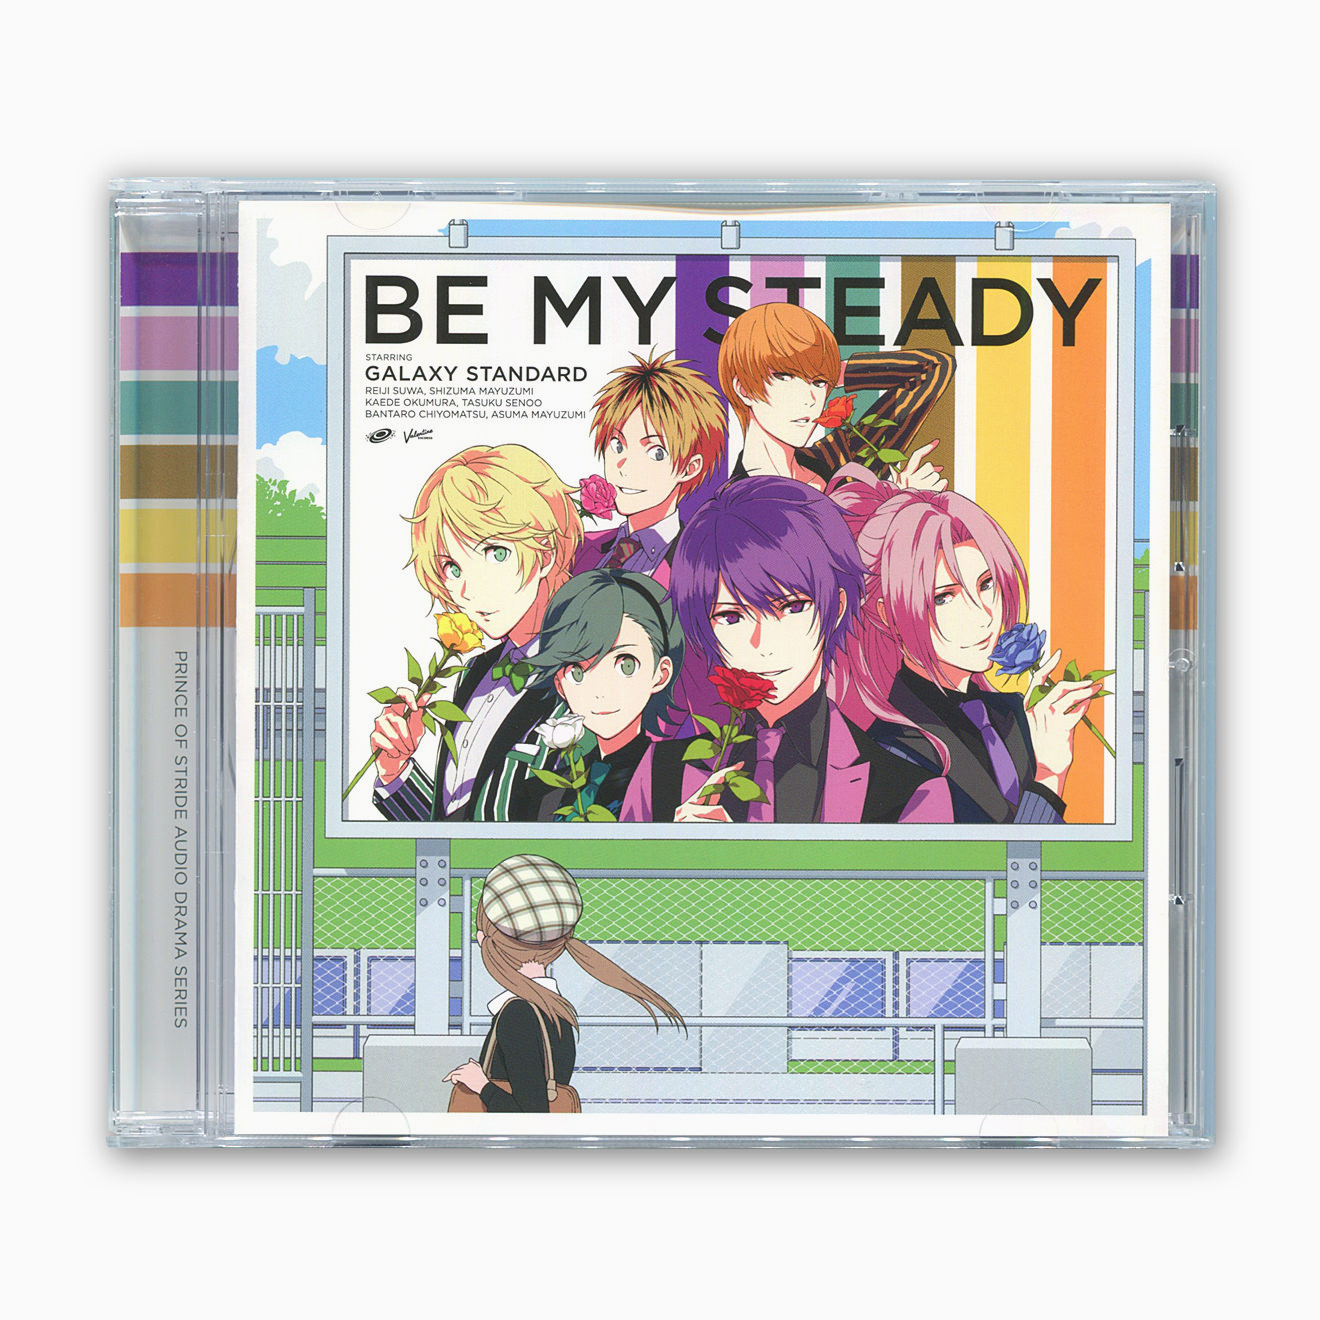 『プリンス・オブ・ストライド オーディオドラマ BE MY STEADY』